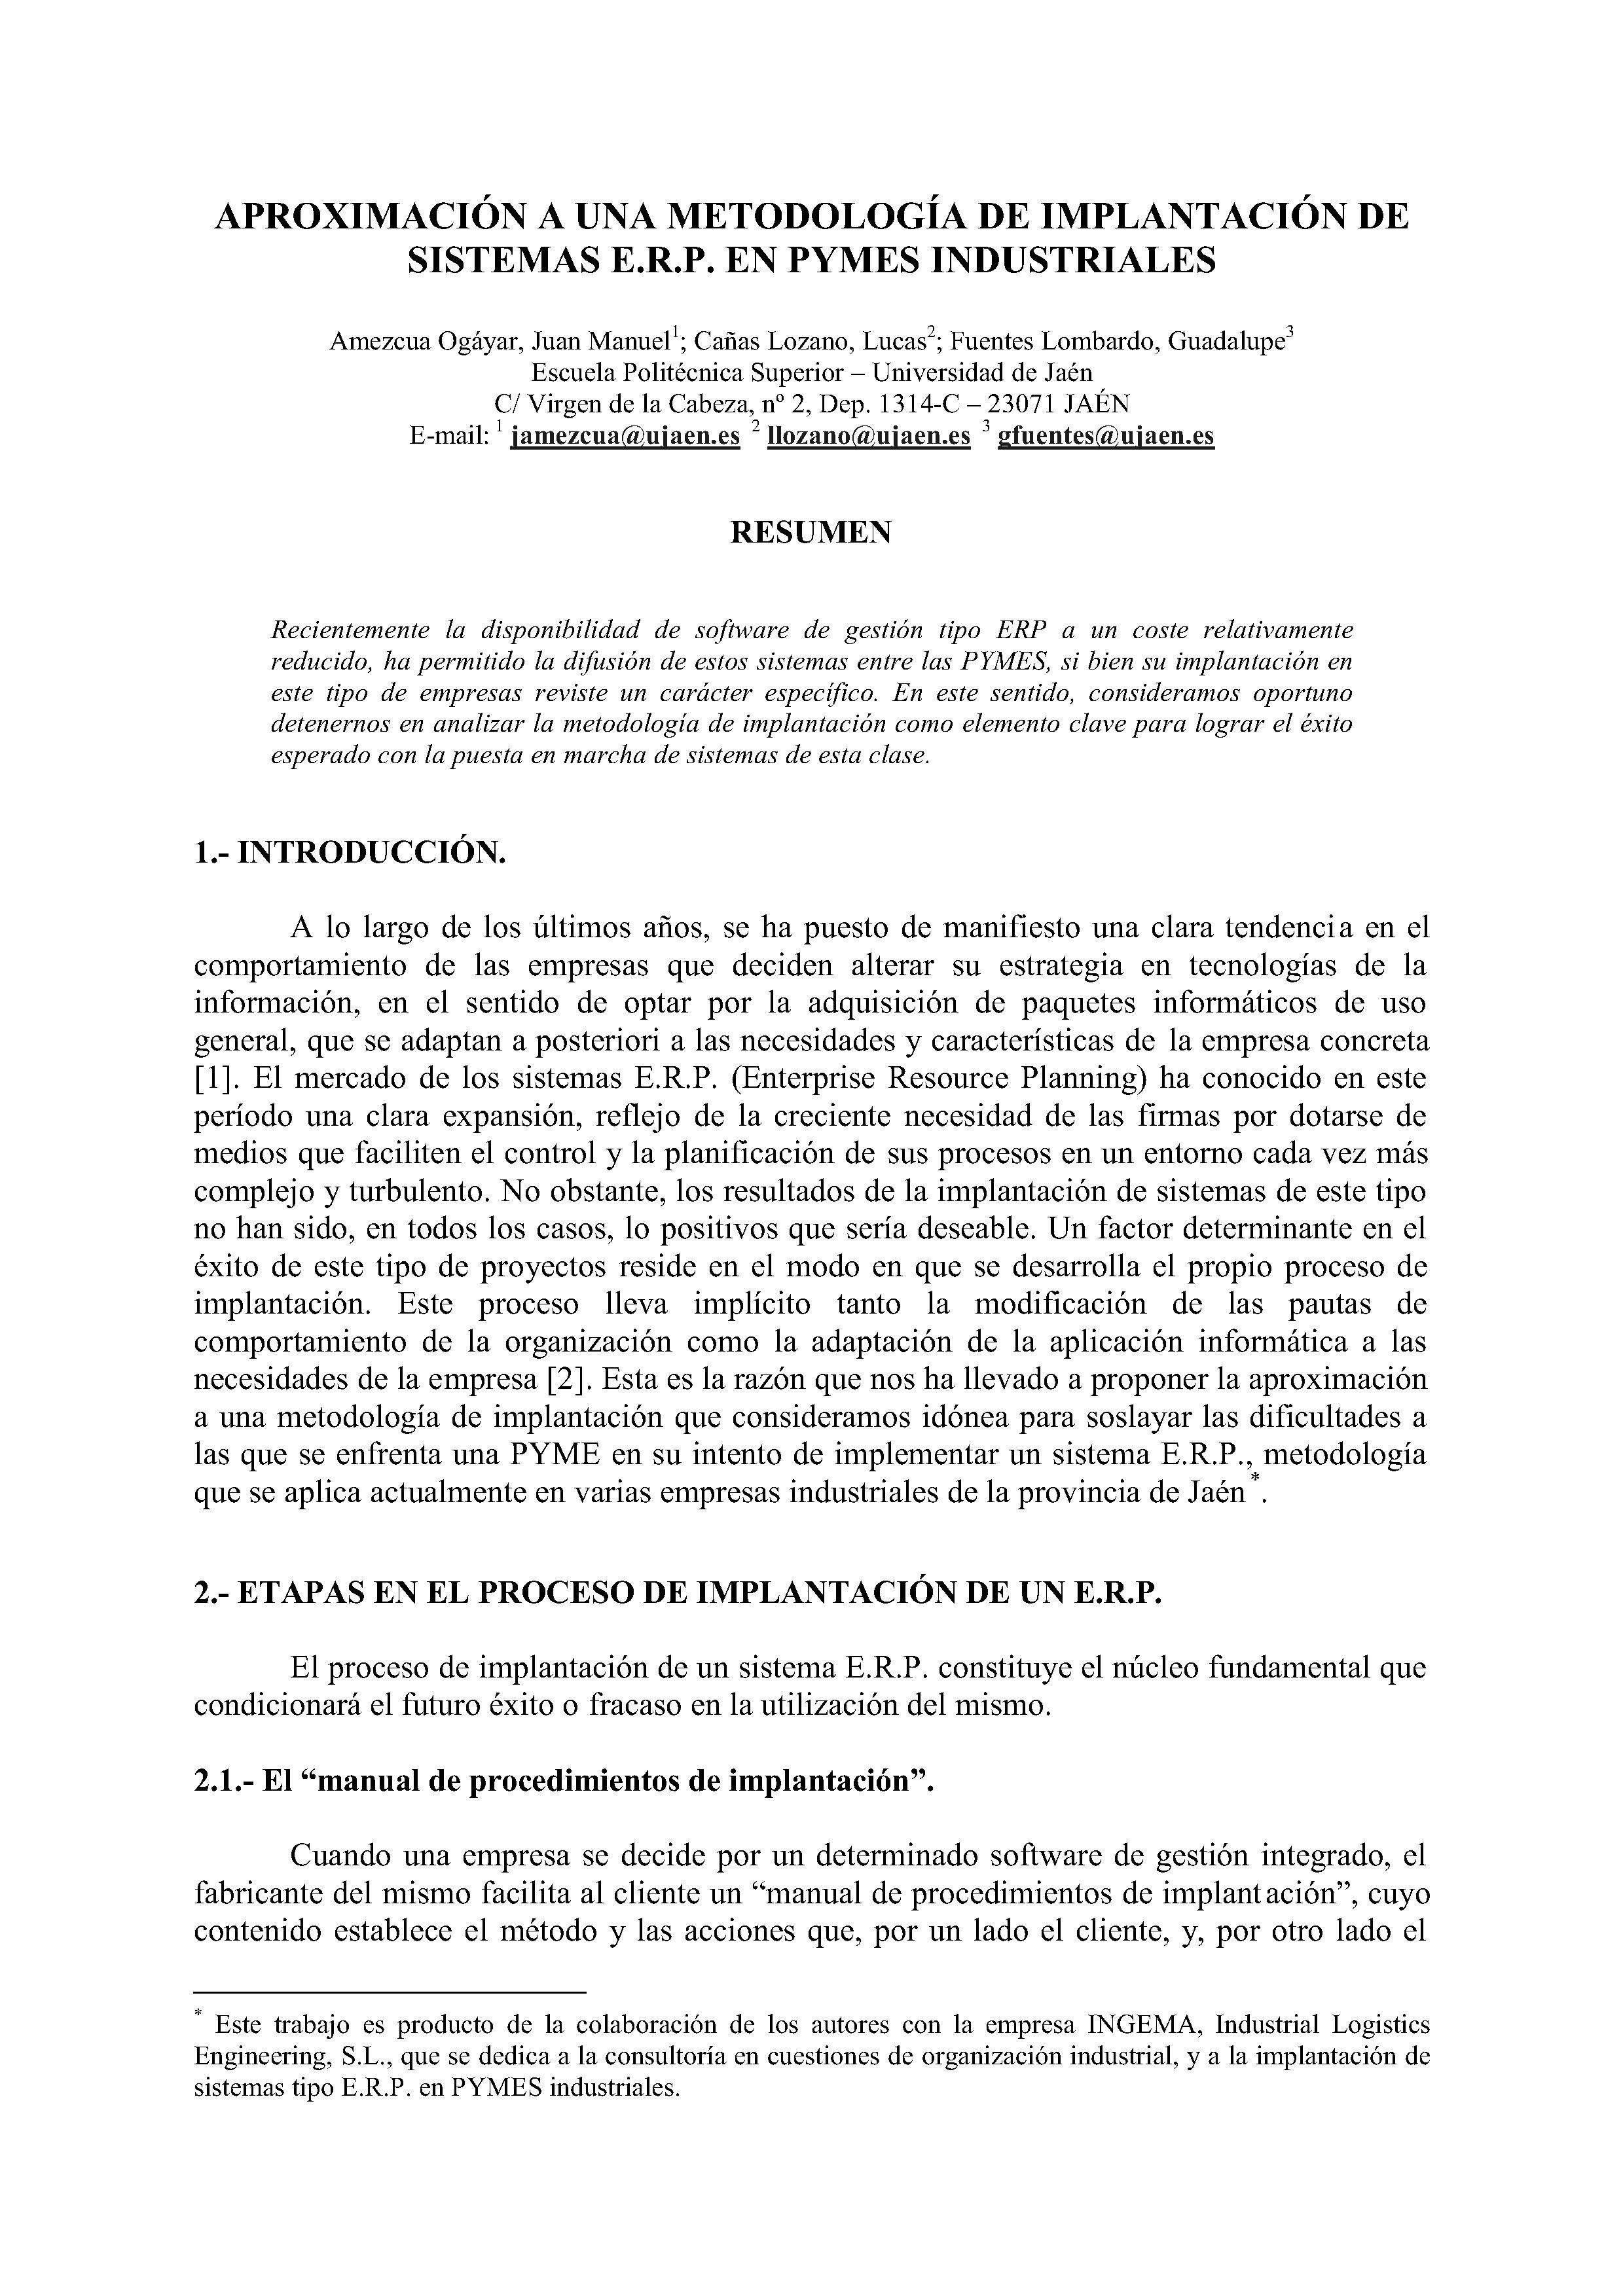 APROXIMACION A UNA METODOLOGÍA DE IMPLANTACIÓN DE SISTEMAS E.R.P. EN PYMES INDUSTRIALES